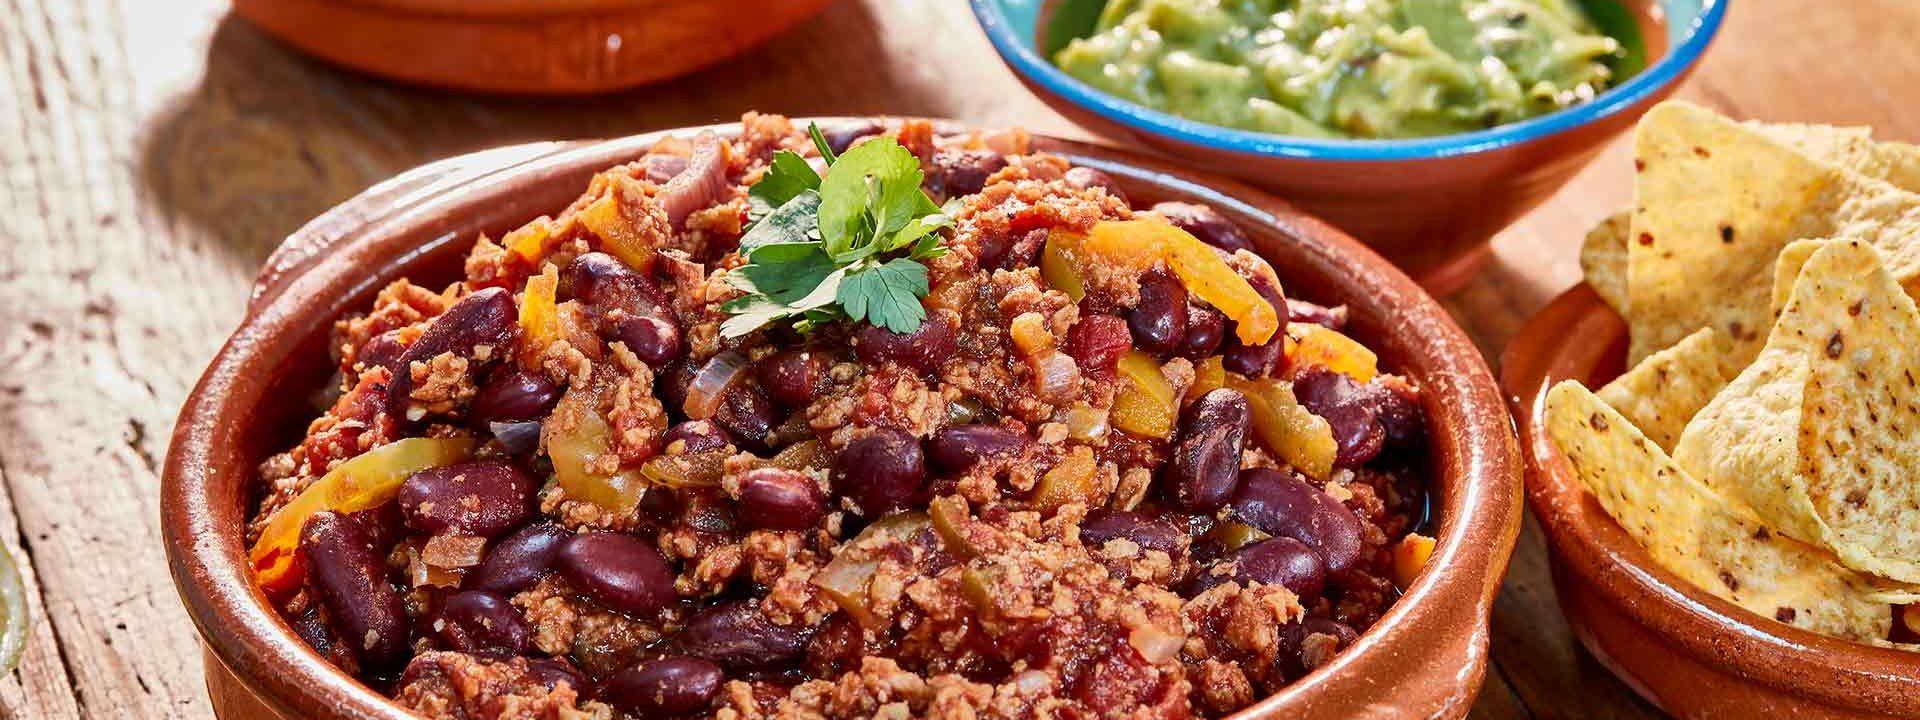 Simpleas vegan chilli